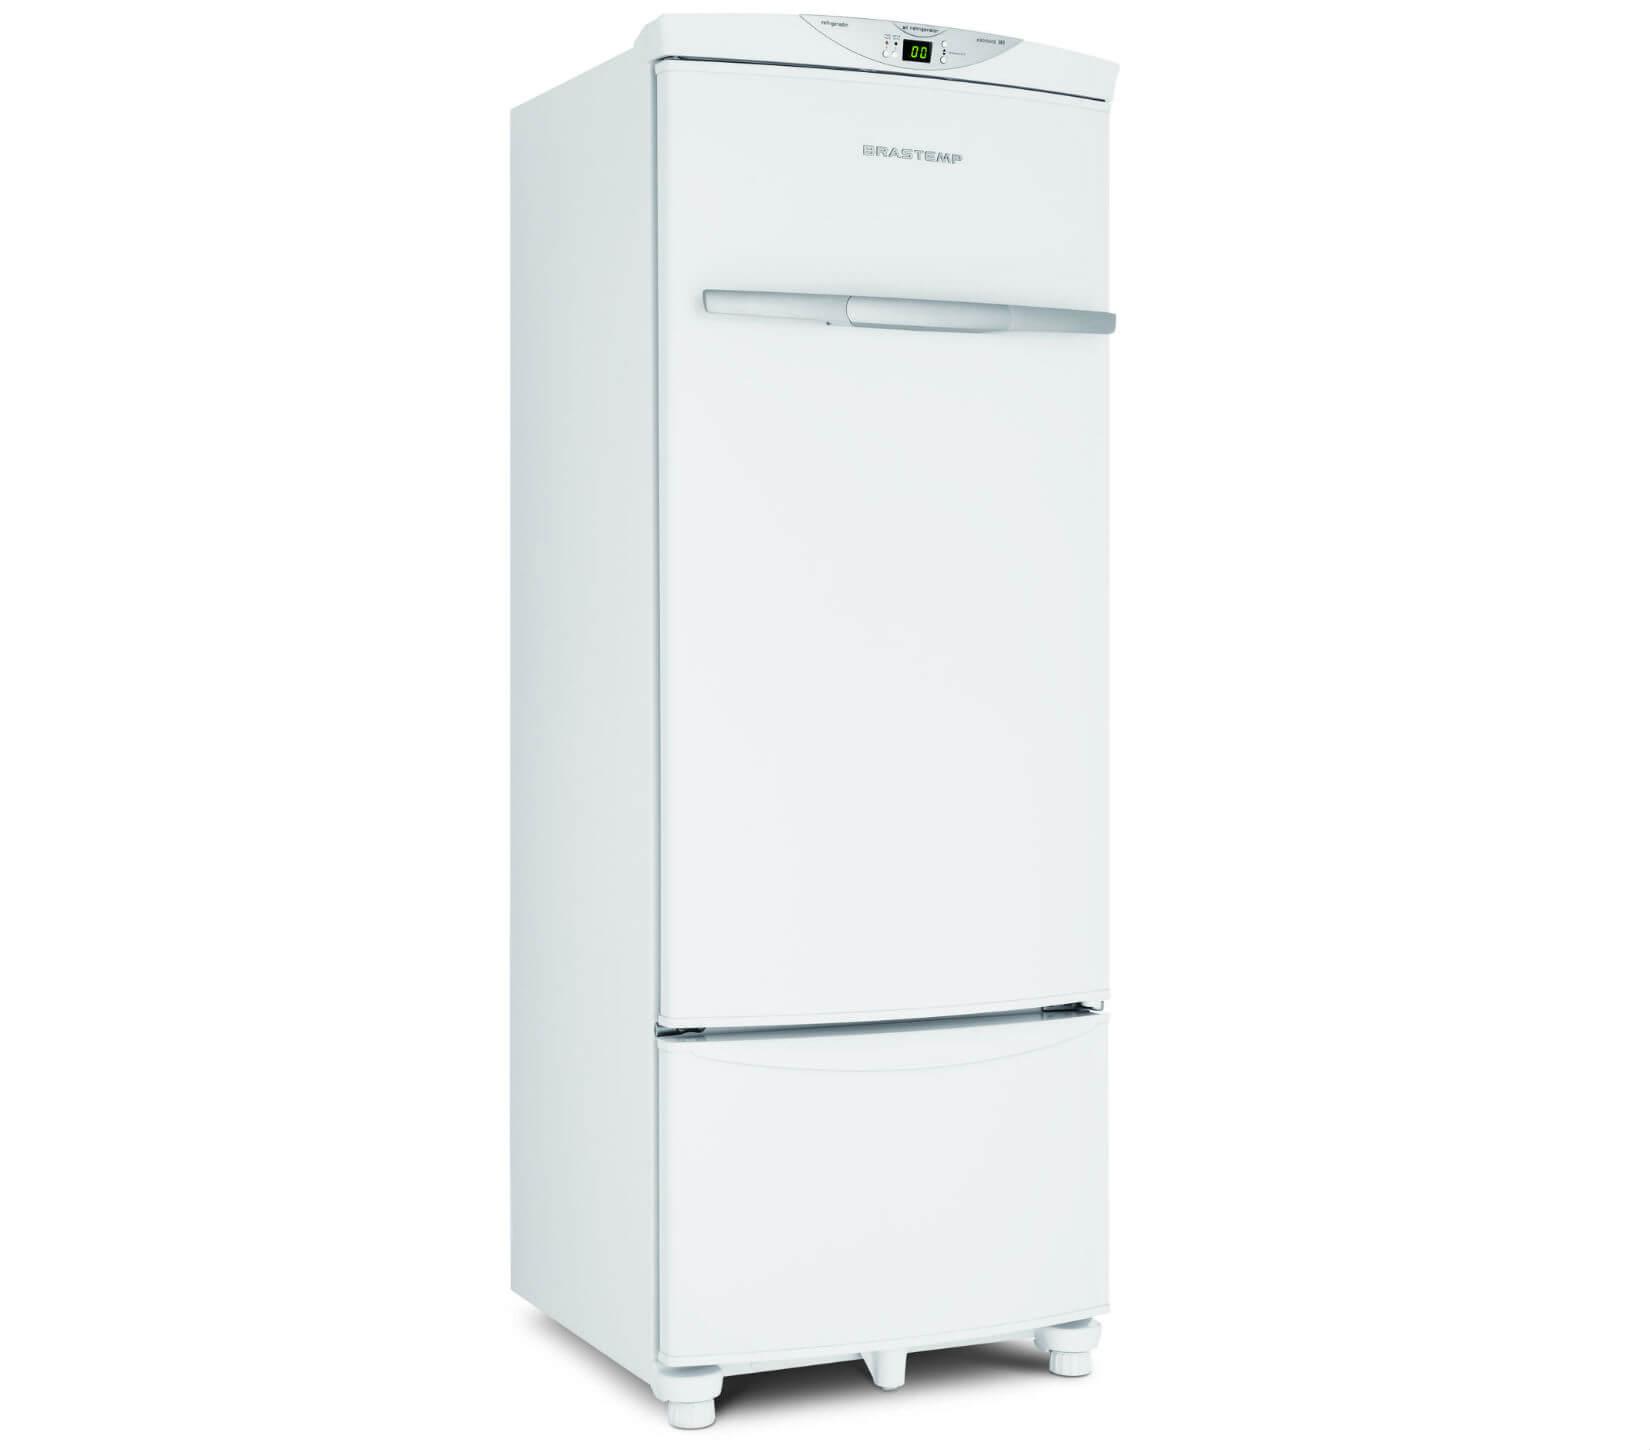 Geladeira Brastemp Clean All Refrigerator Frost Free 330 Litros